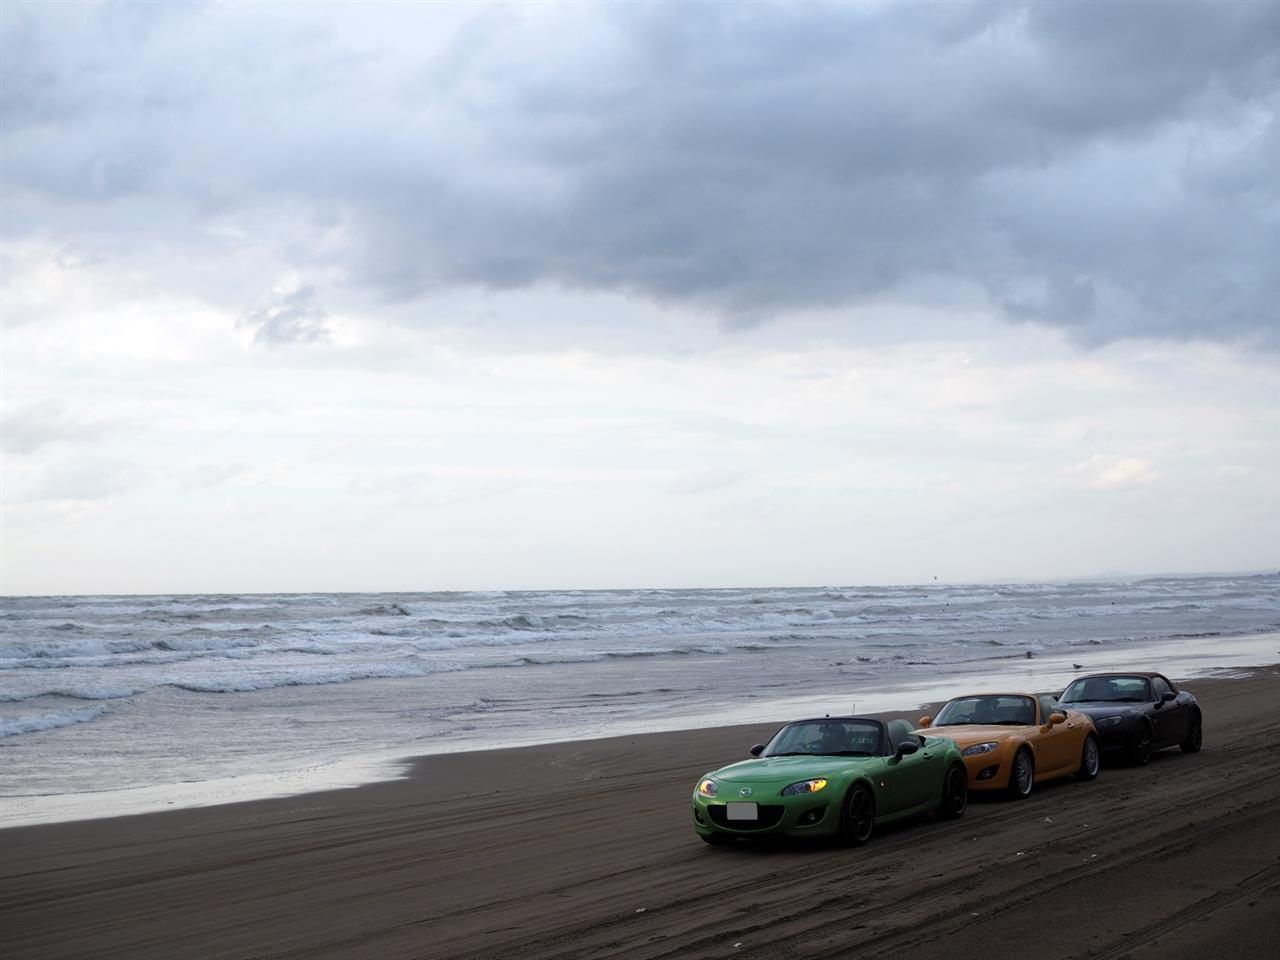 色出来過ぎTRG in 千里浜なぎさドライブウェイ 47